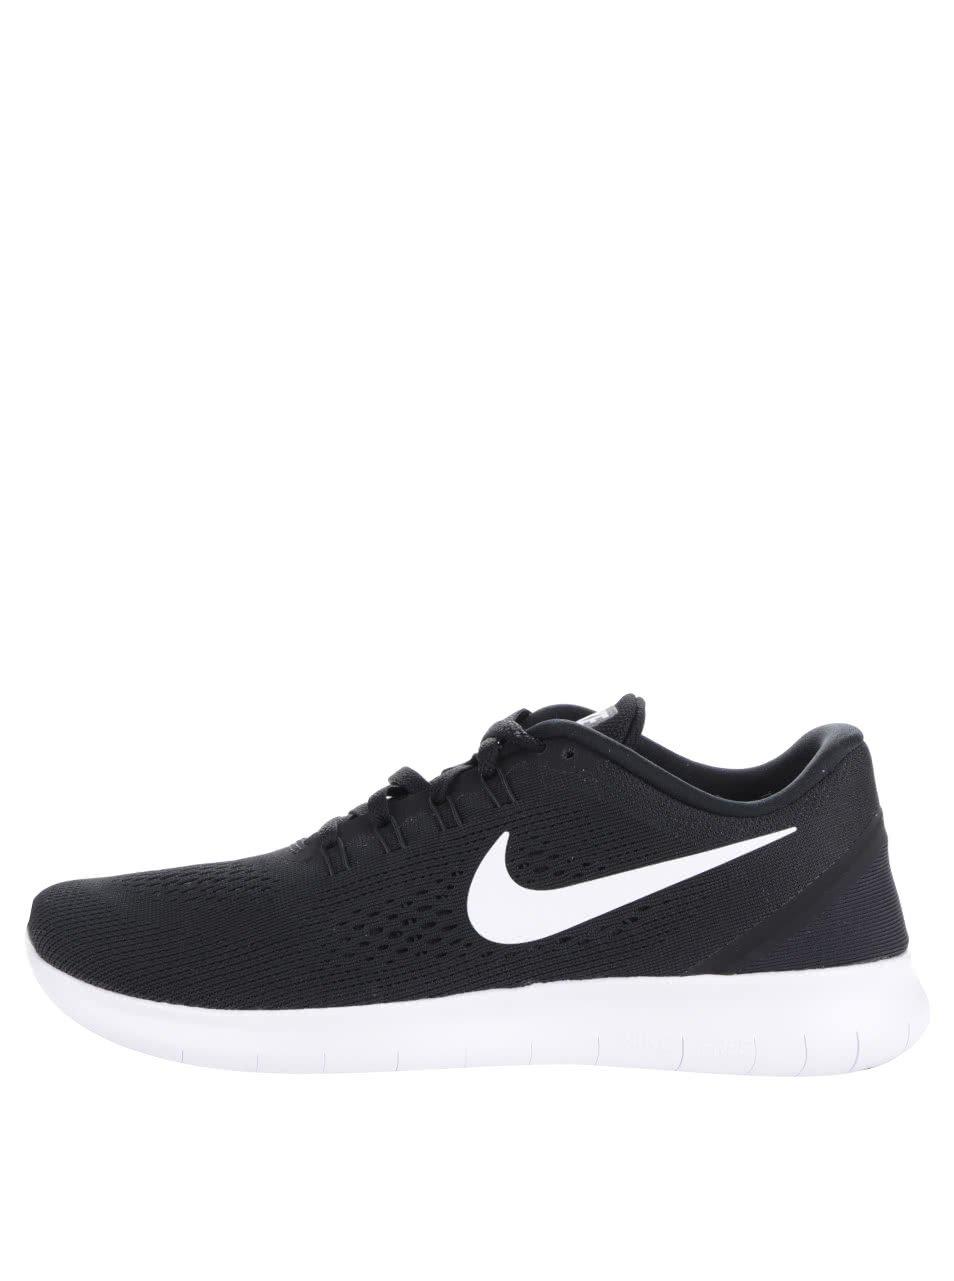 Černé pánské tenisky Nike Free Running